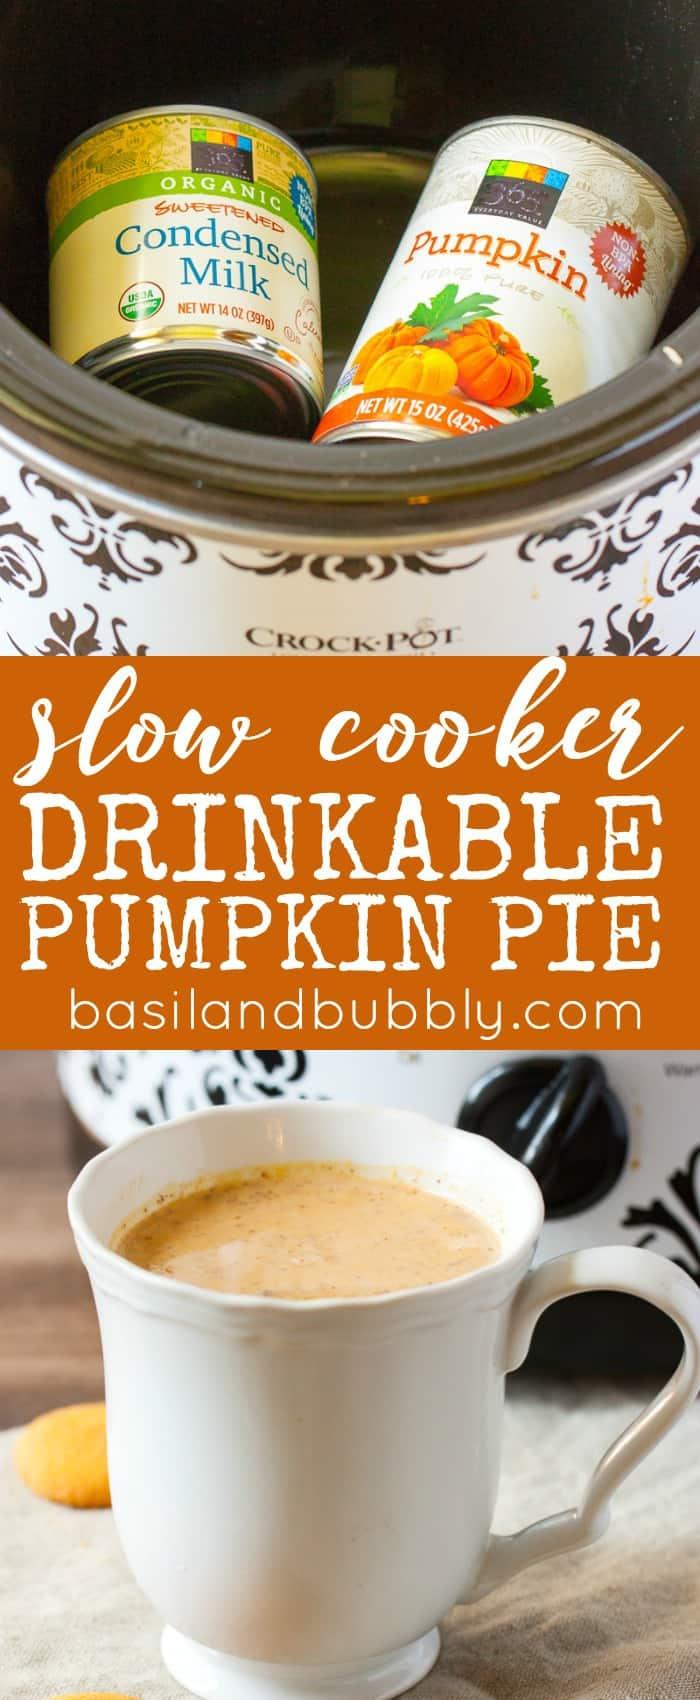 slow cooker drinkable pumpkin pie.